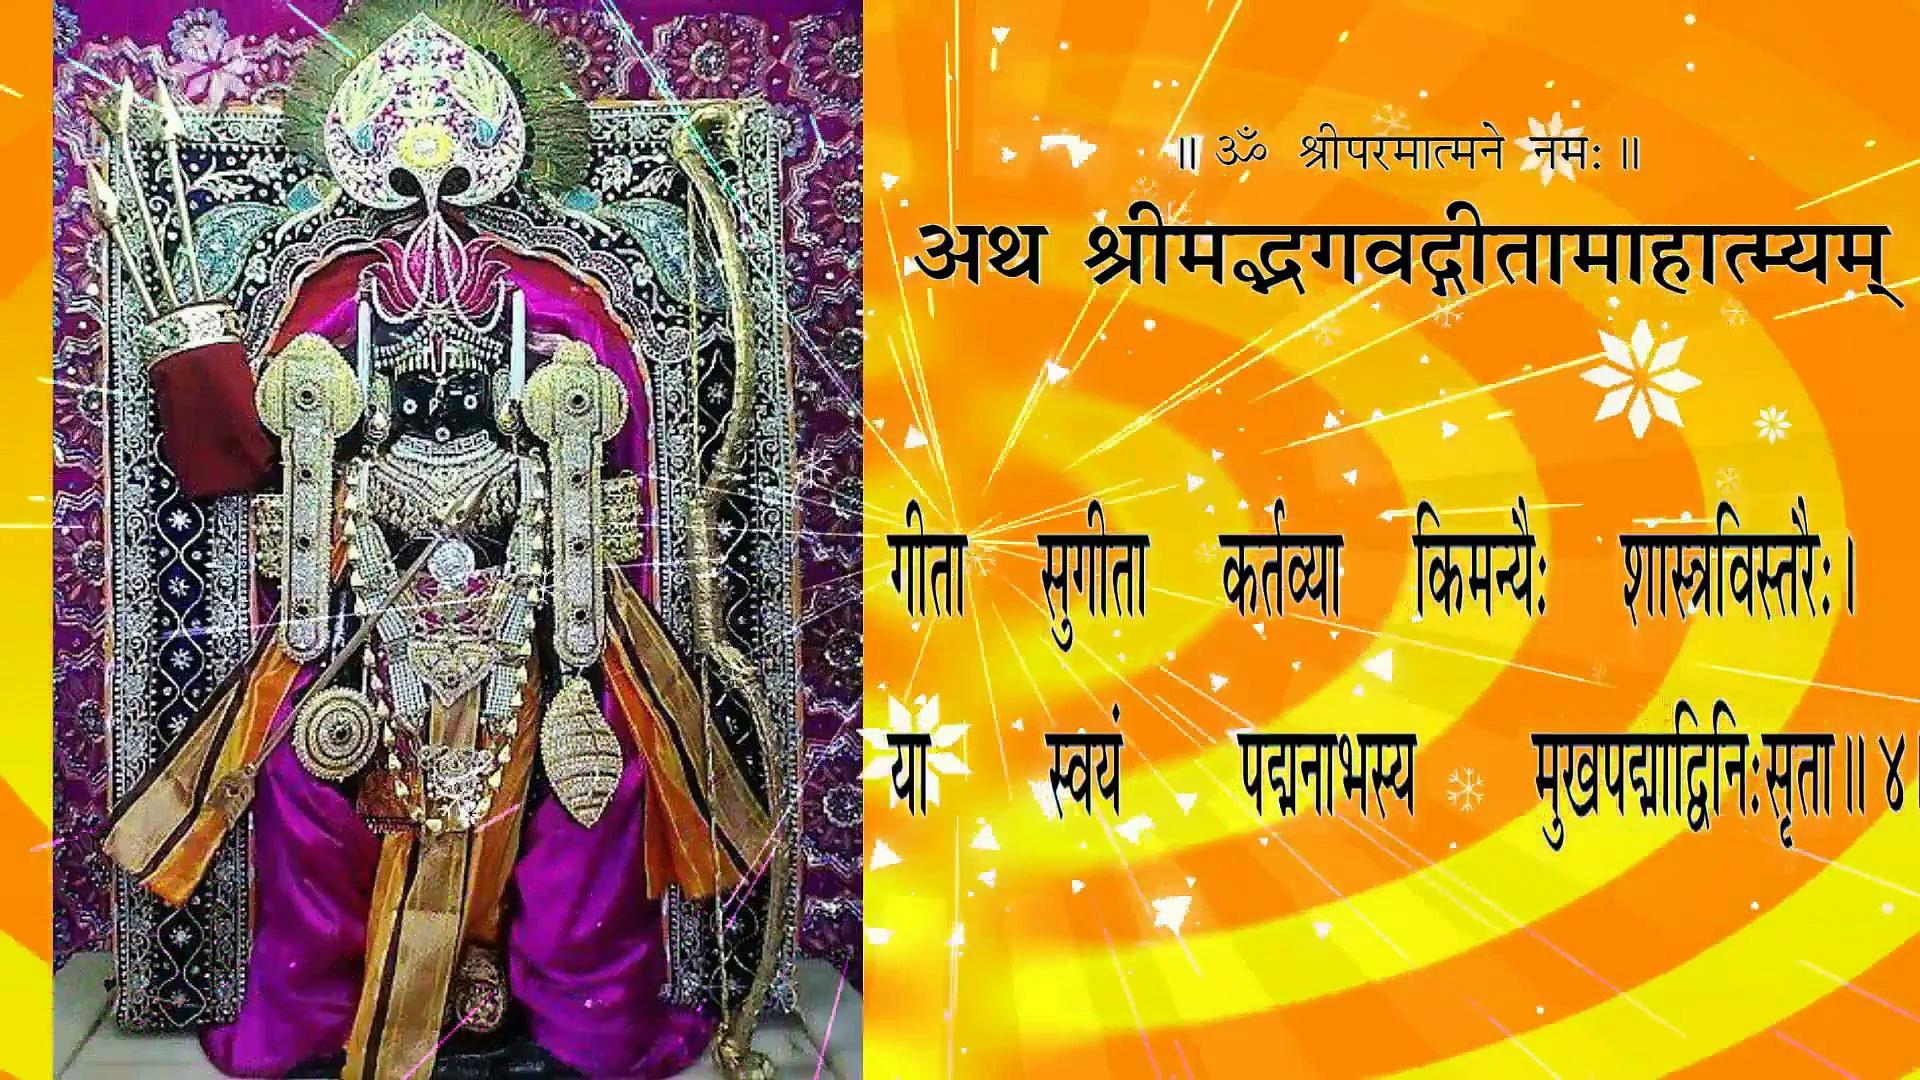 श्रीमद भागवत गीता हिंदी एवं संस्कृत भाग द्वितीय Shrimad Bhagwad Geeta Hindi and Sanskrit Part 02